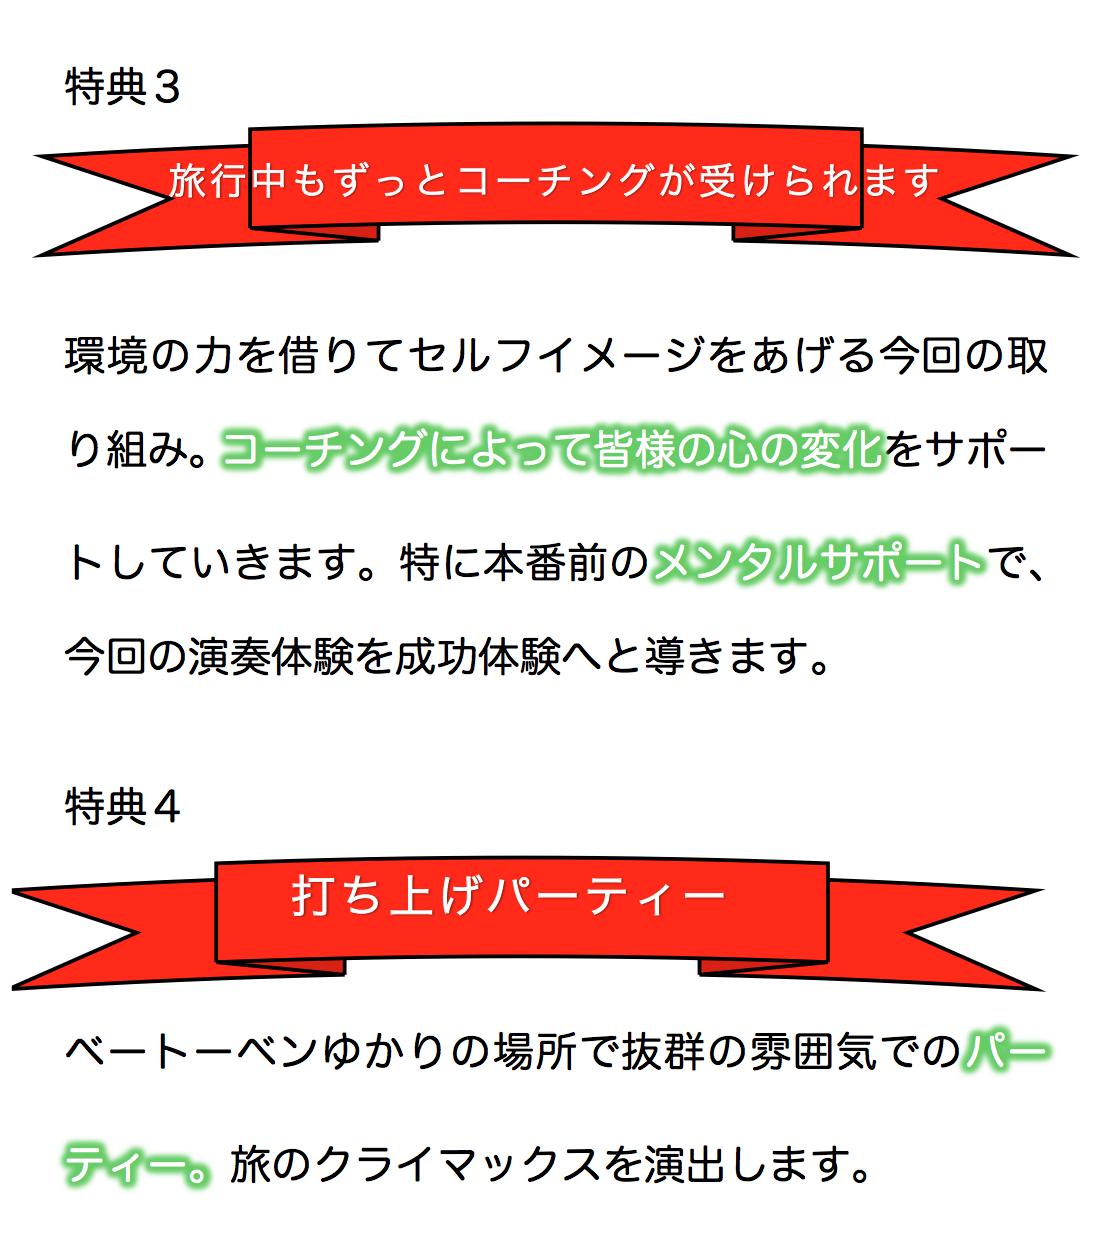 スクリーンショット 2015-12-01 15.20.33